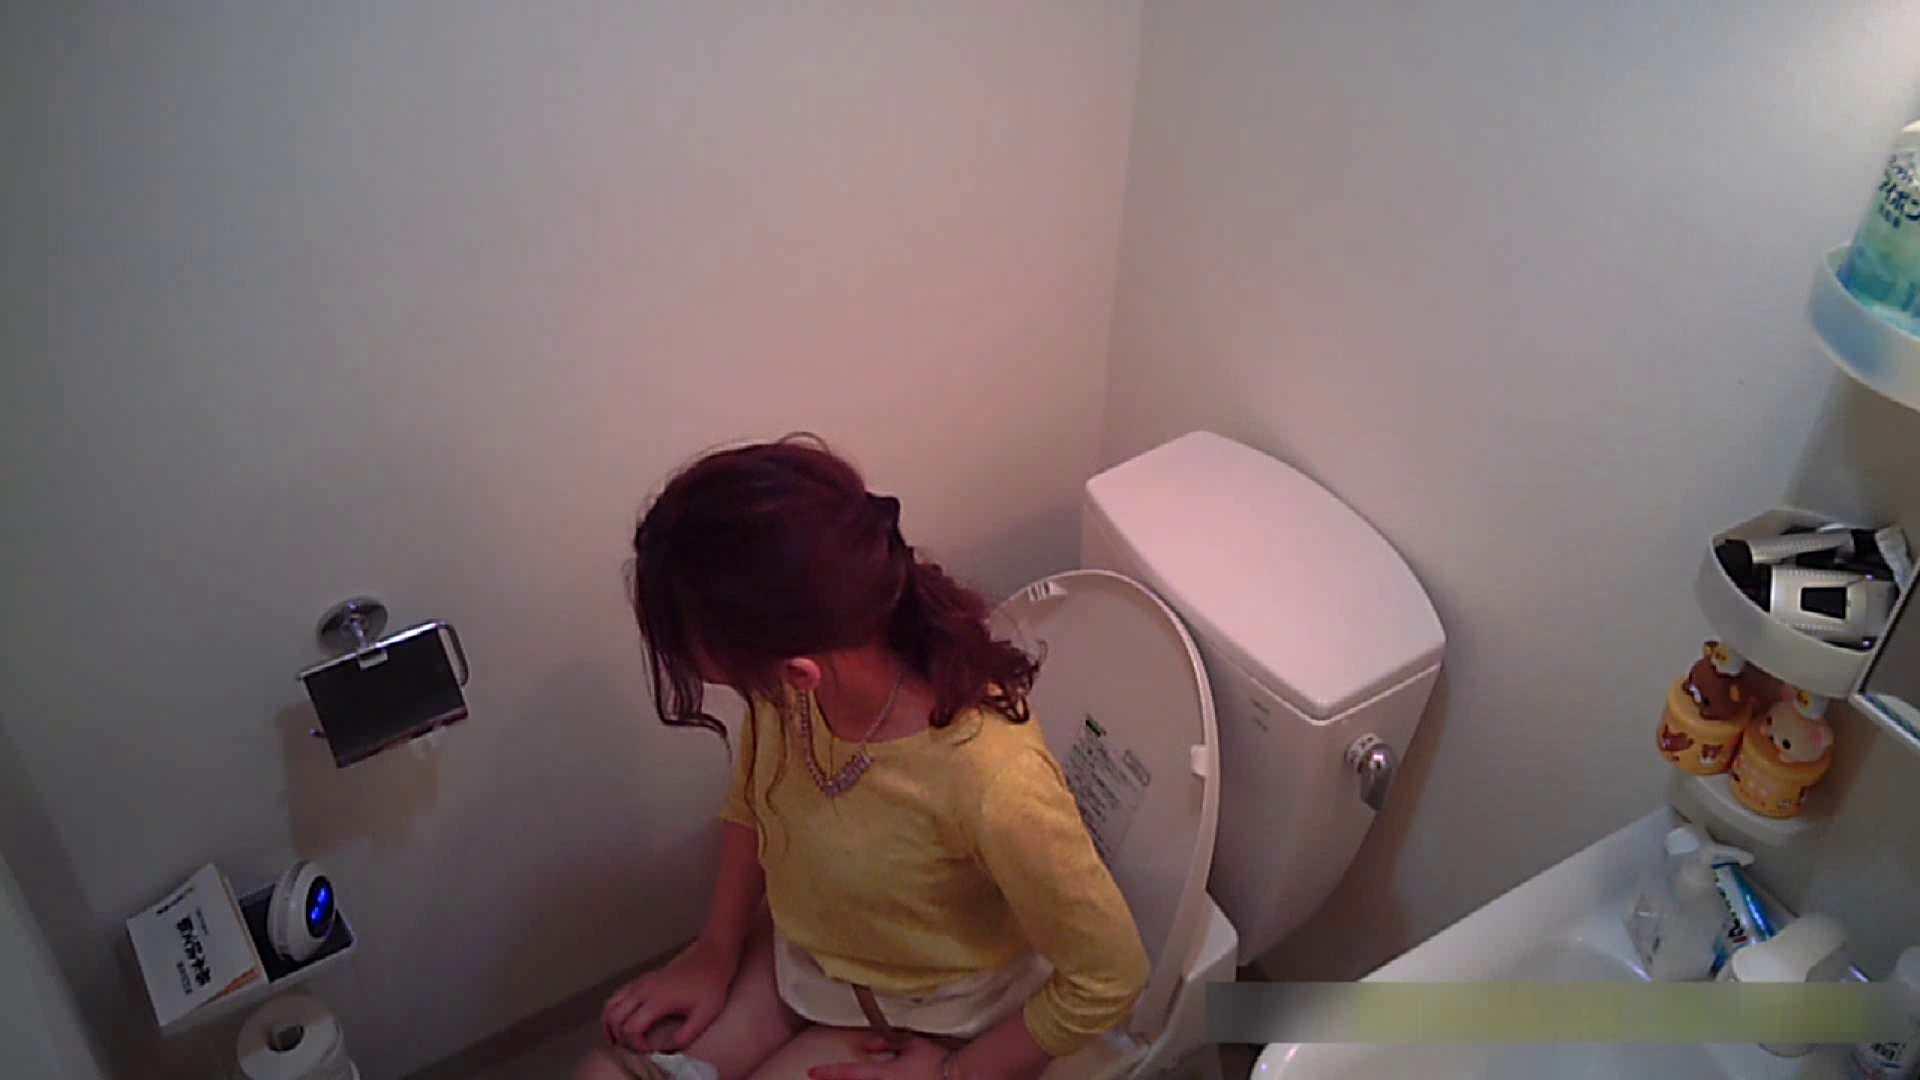 乳首大き目の24歳Y子 トイレ編 乳首コレクション   トイレ中  27連発 12